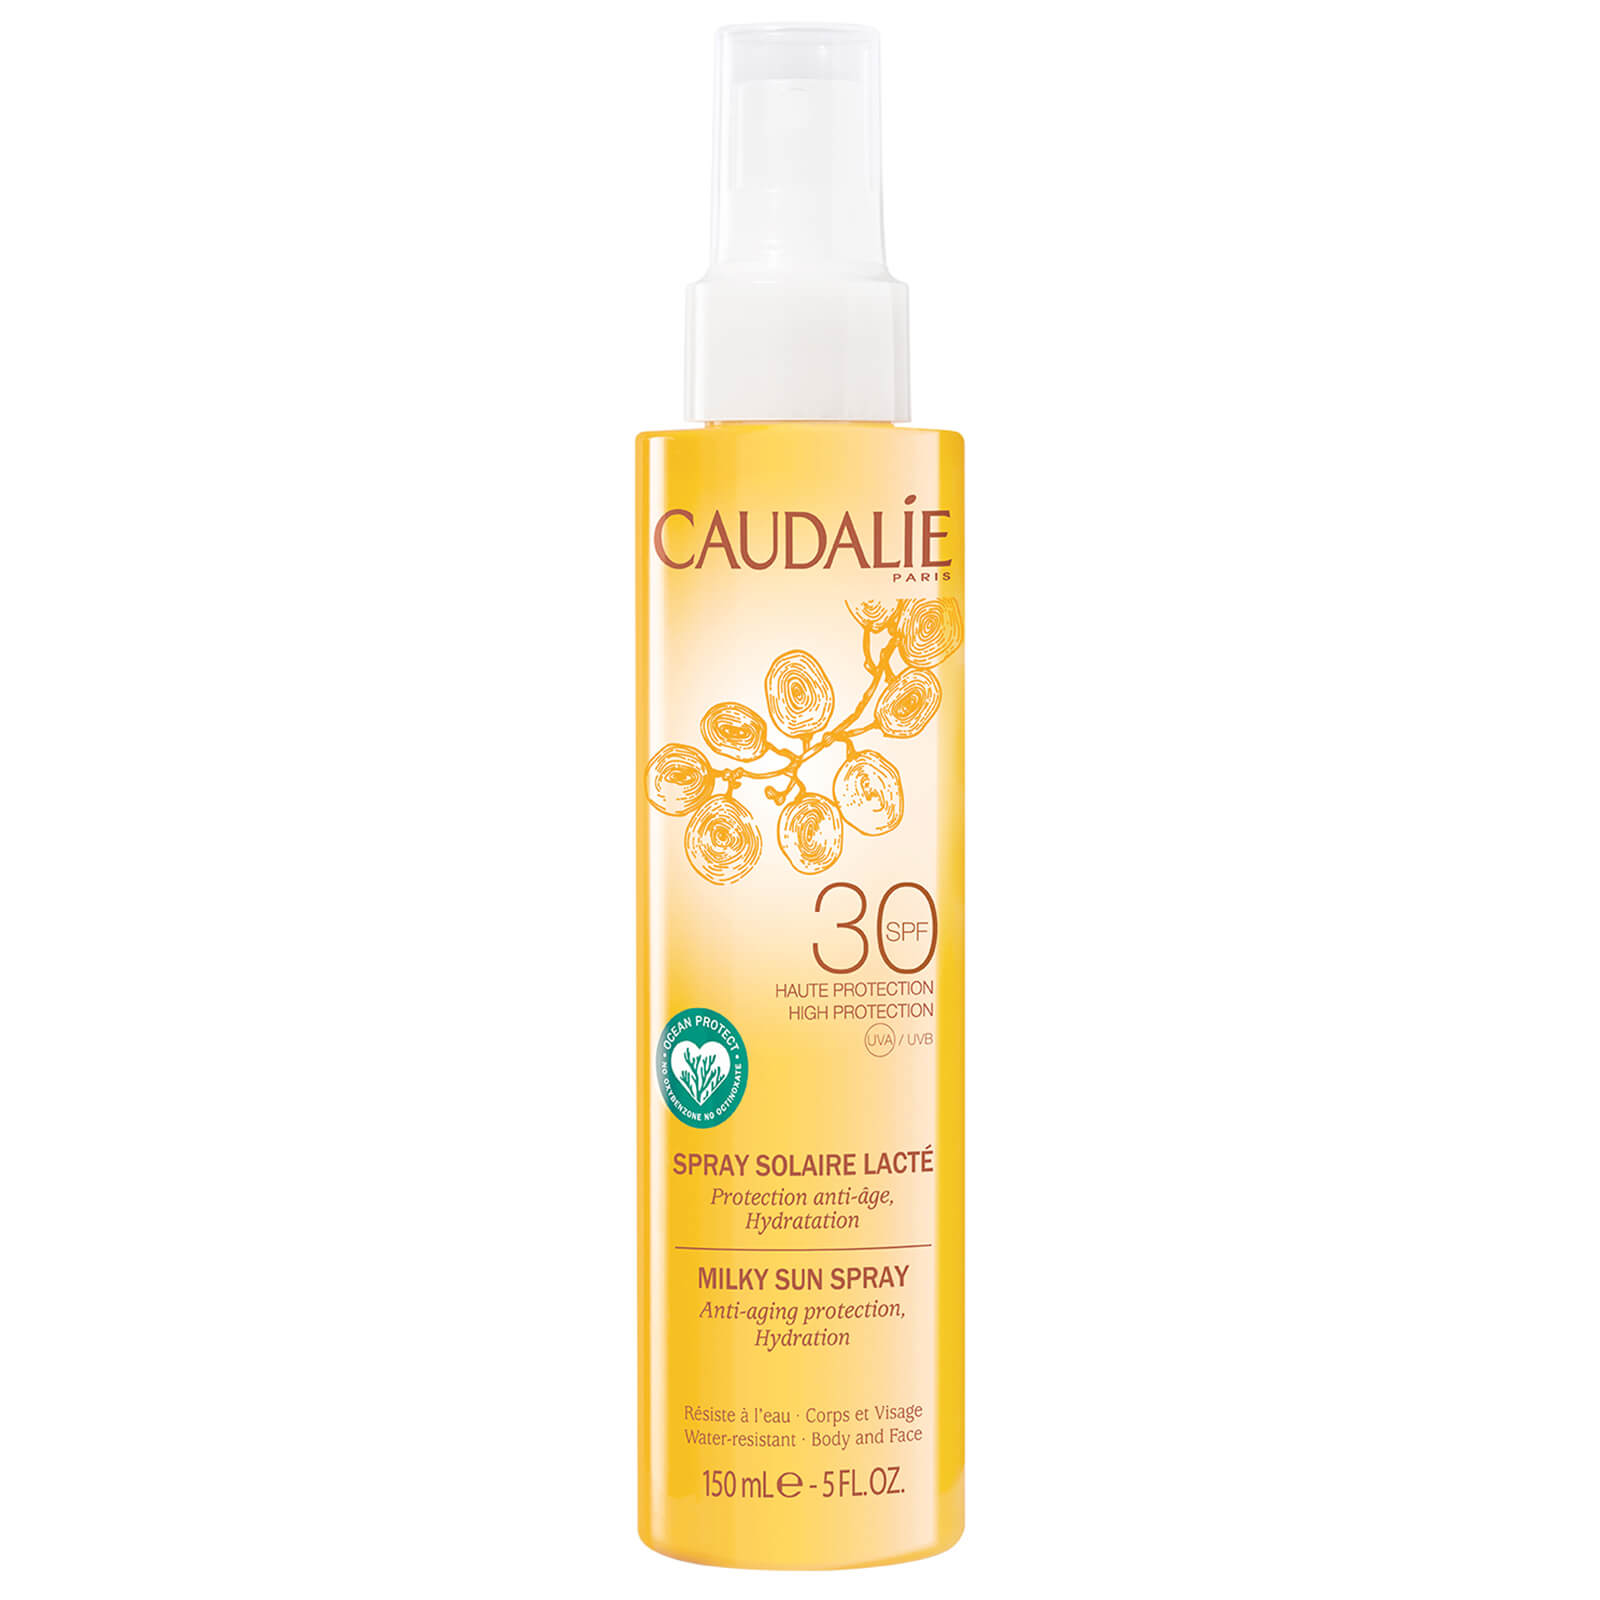 Купить Caudalie Milky Sun Spray SPF 30 150ml